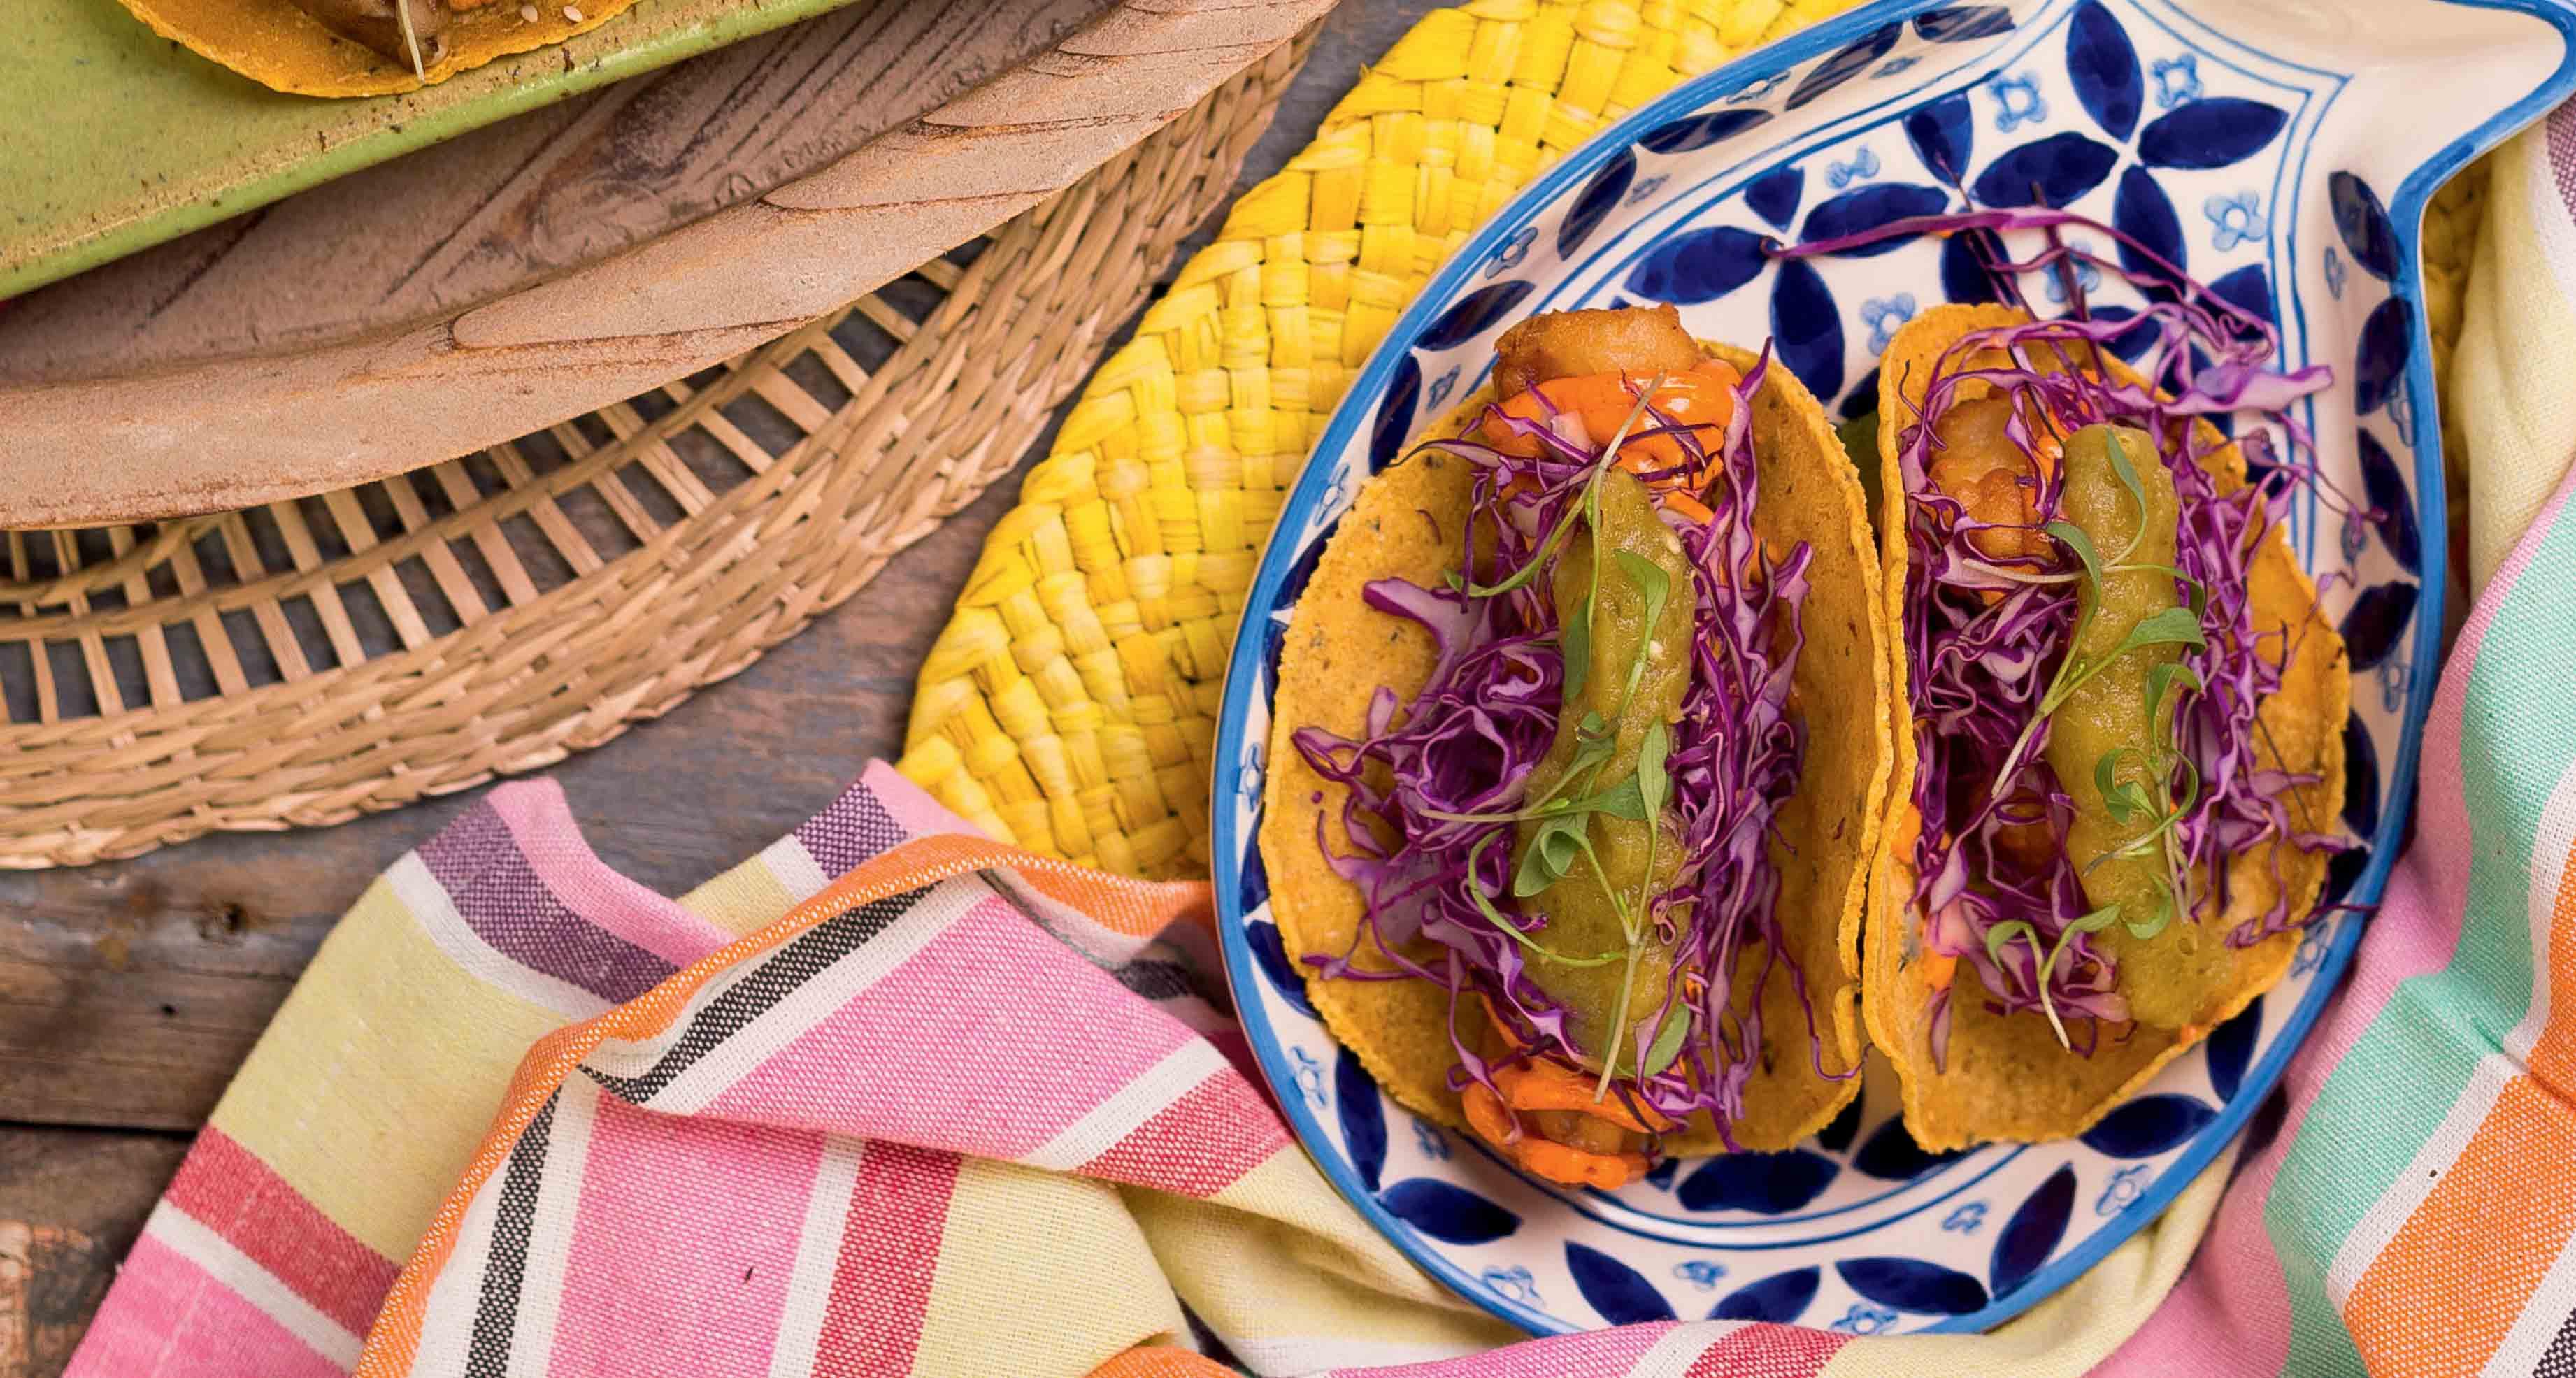 Tacos de pescado, do Lupe, Bar y Taqueria